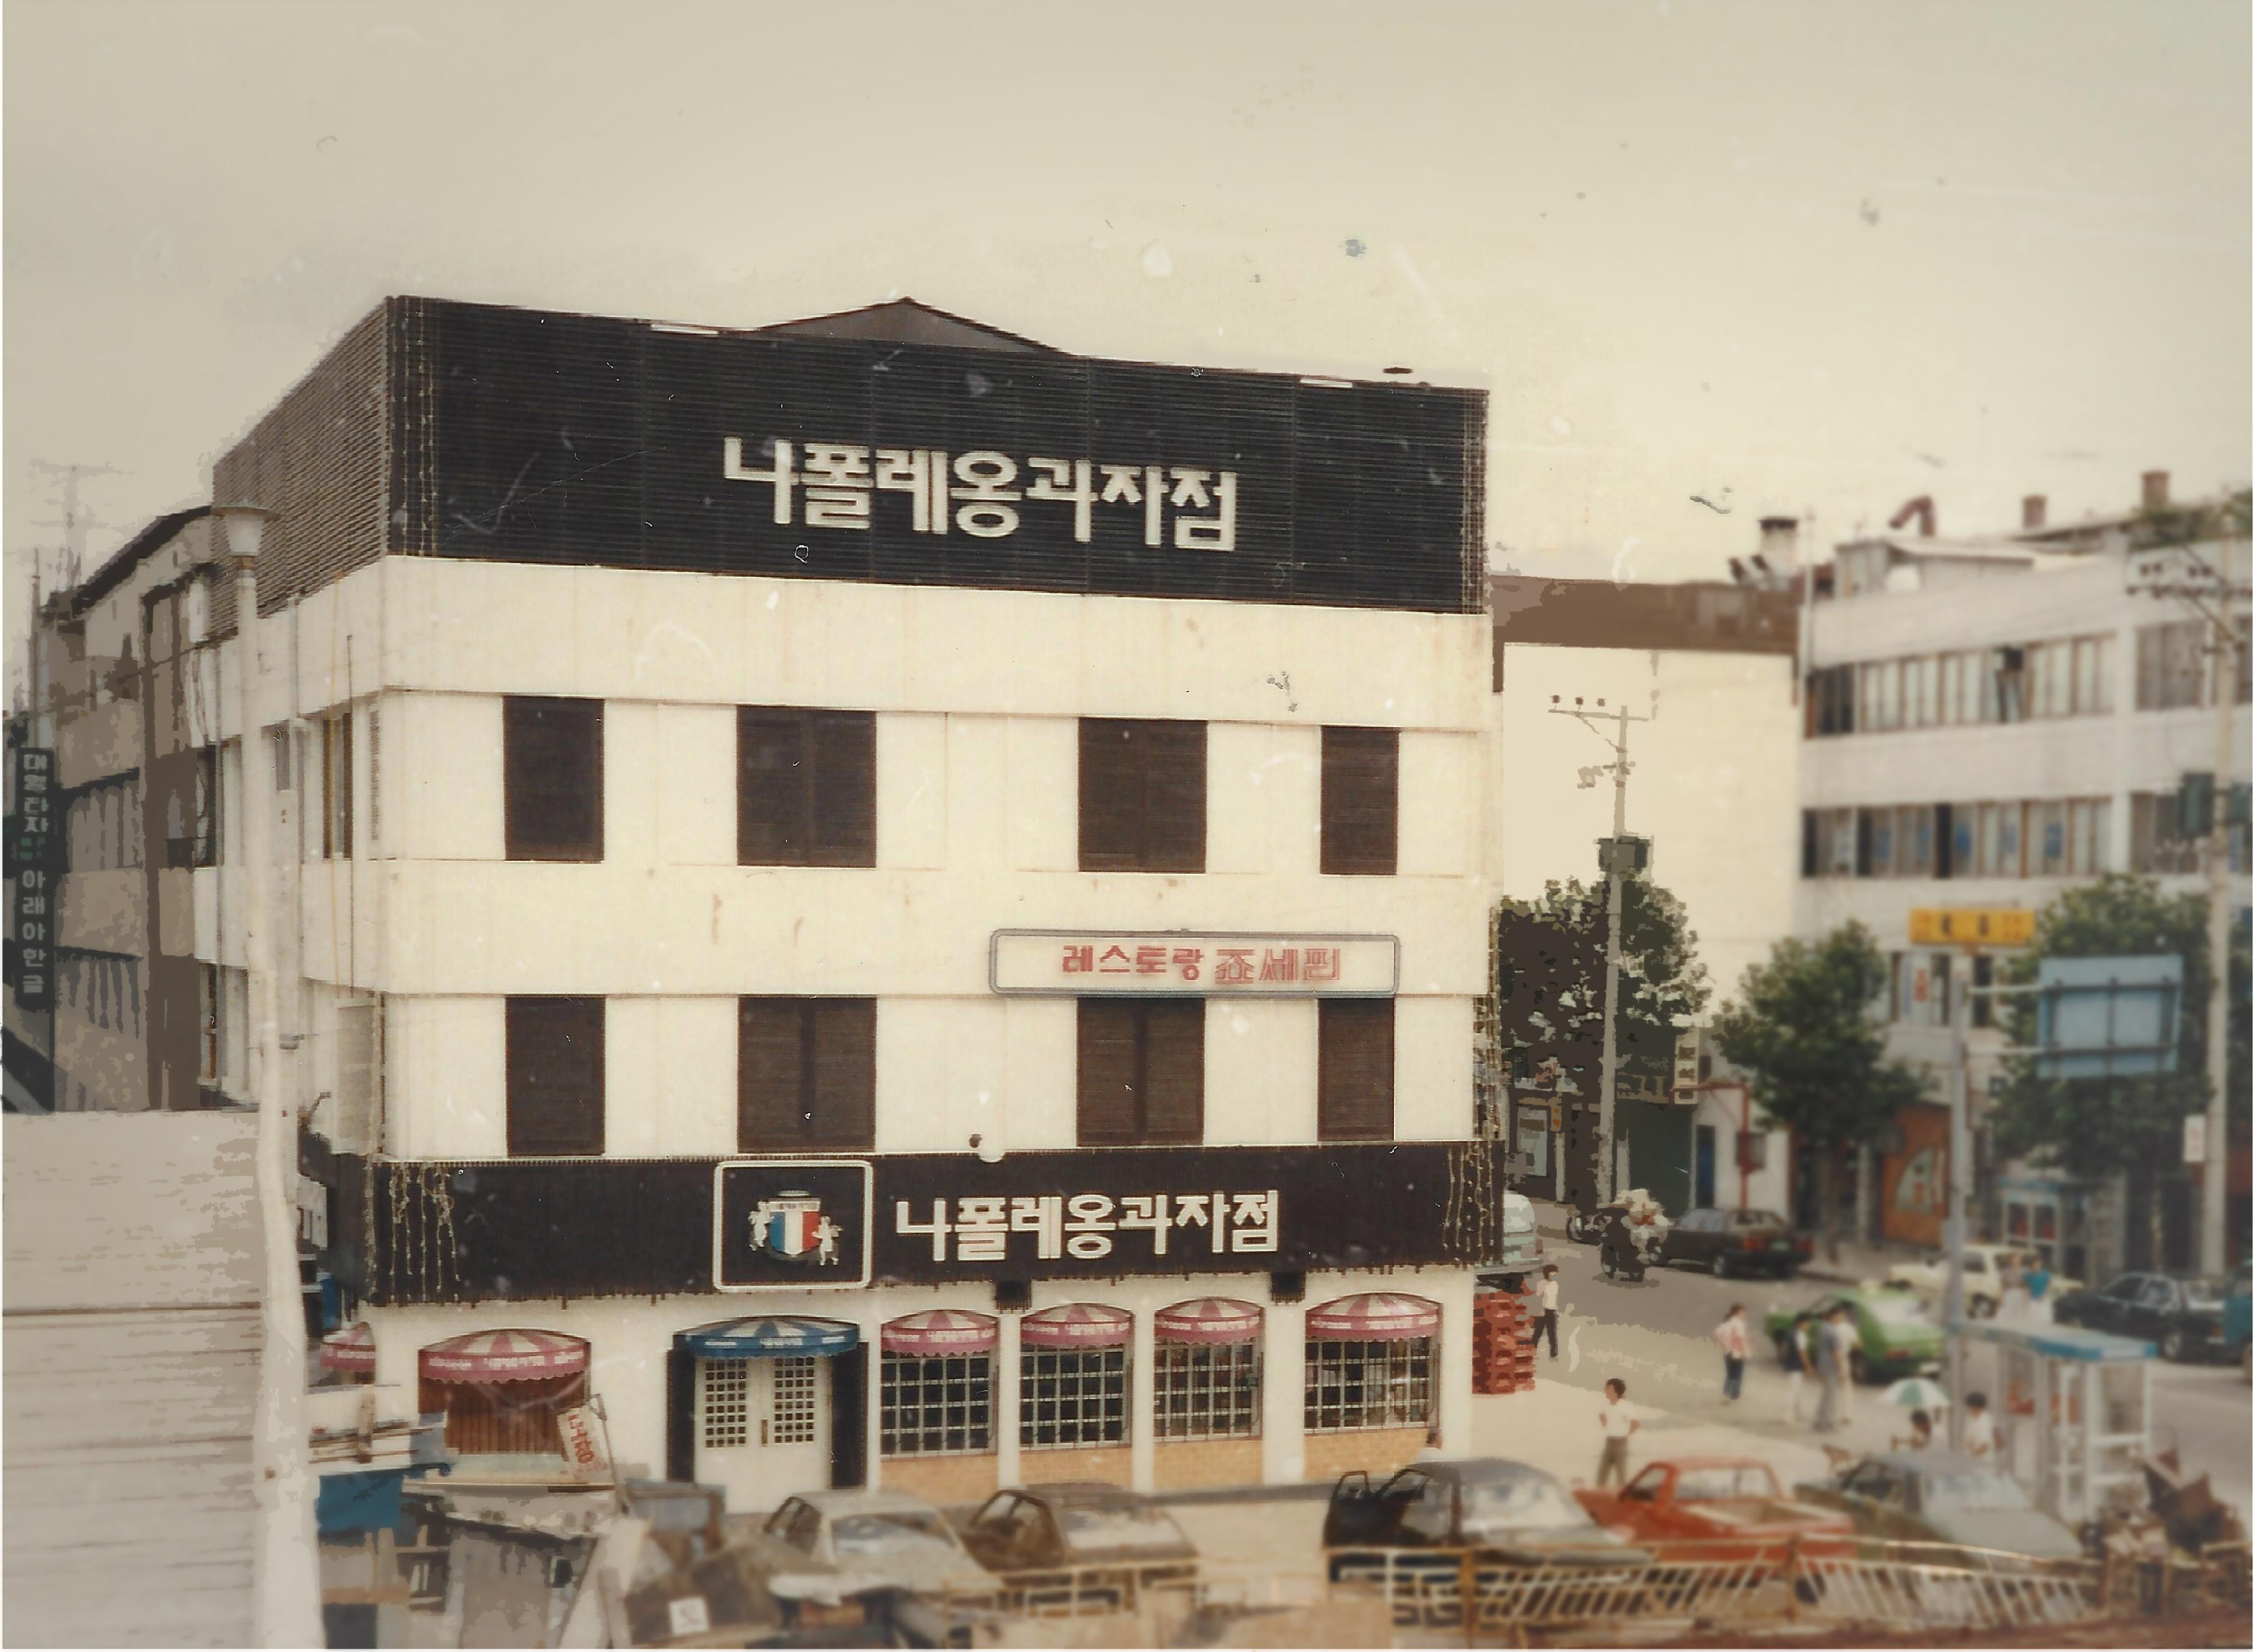 서울의 미래유산으로 나폴레옹과자점을 제안드립니다